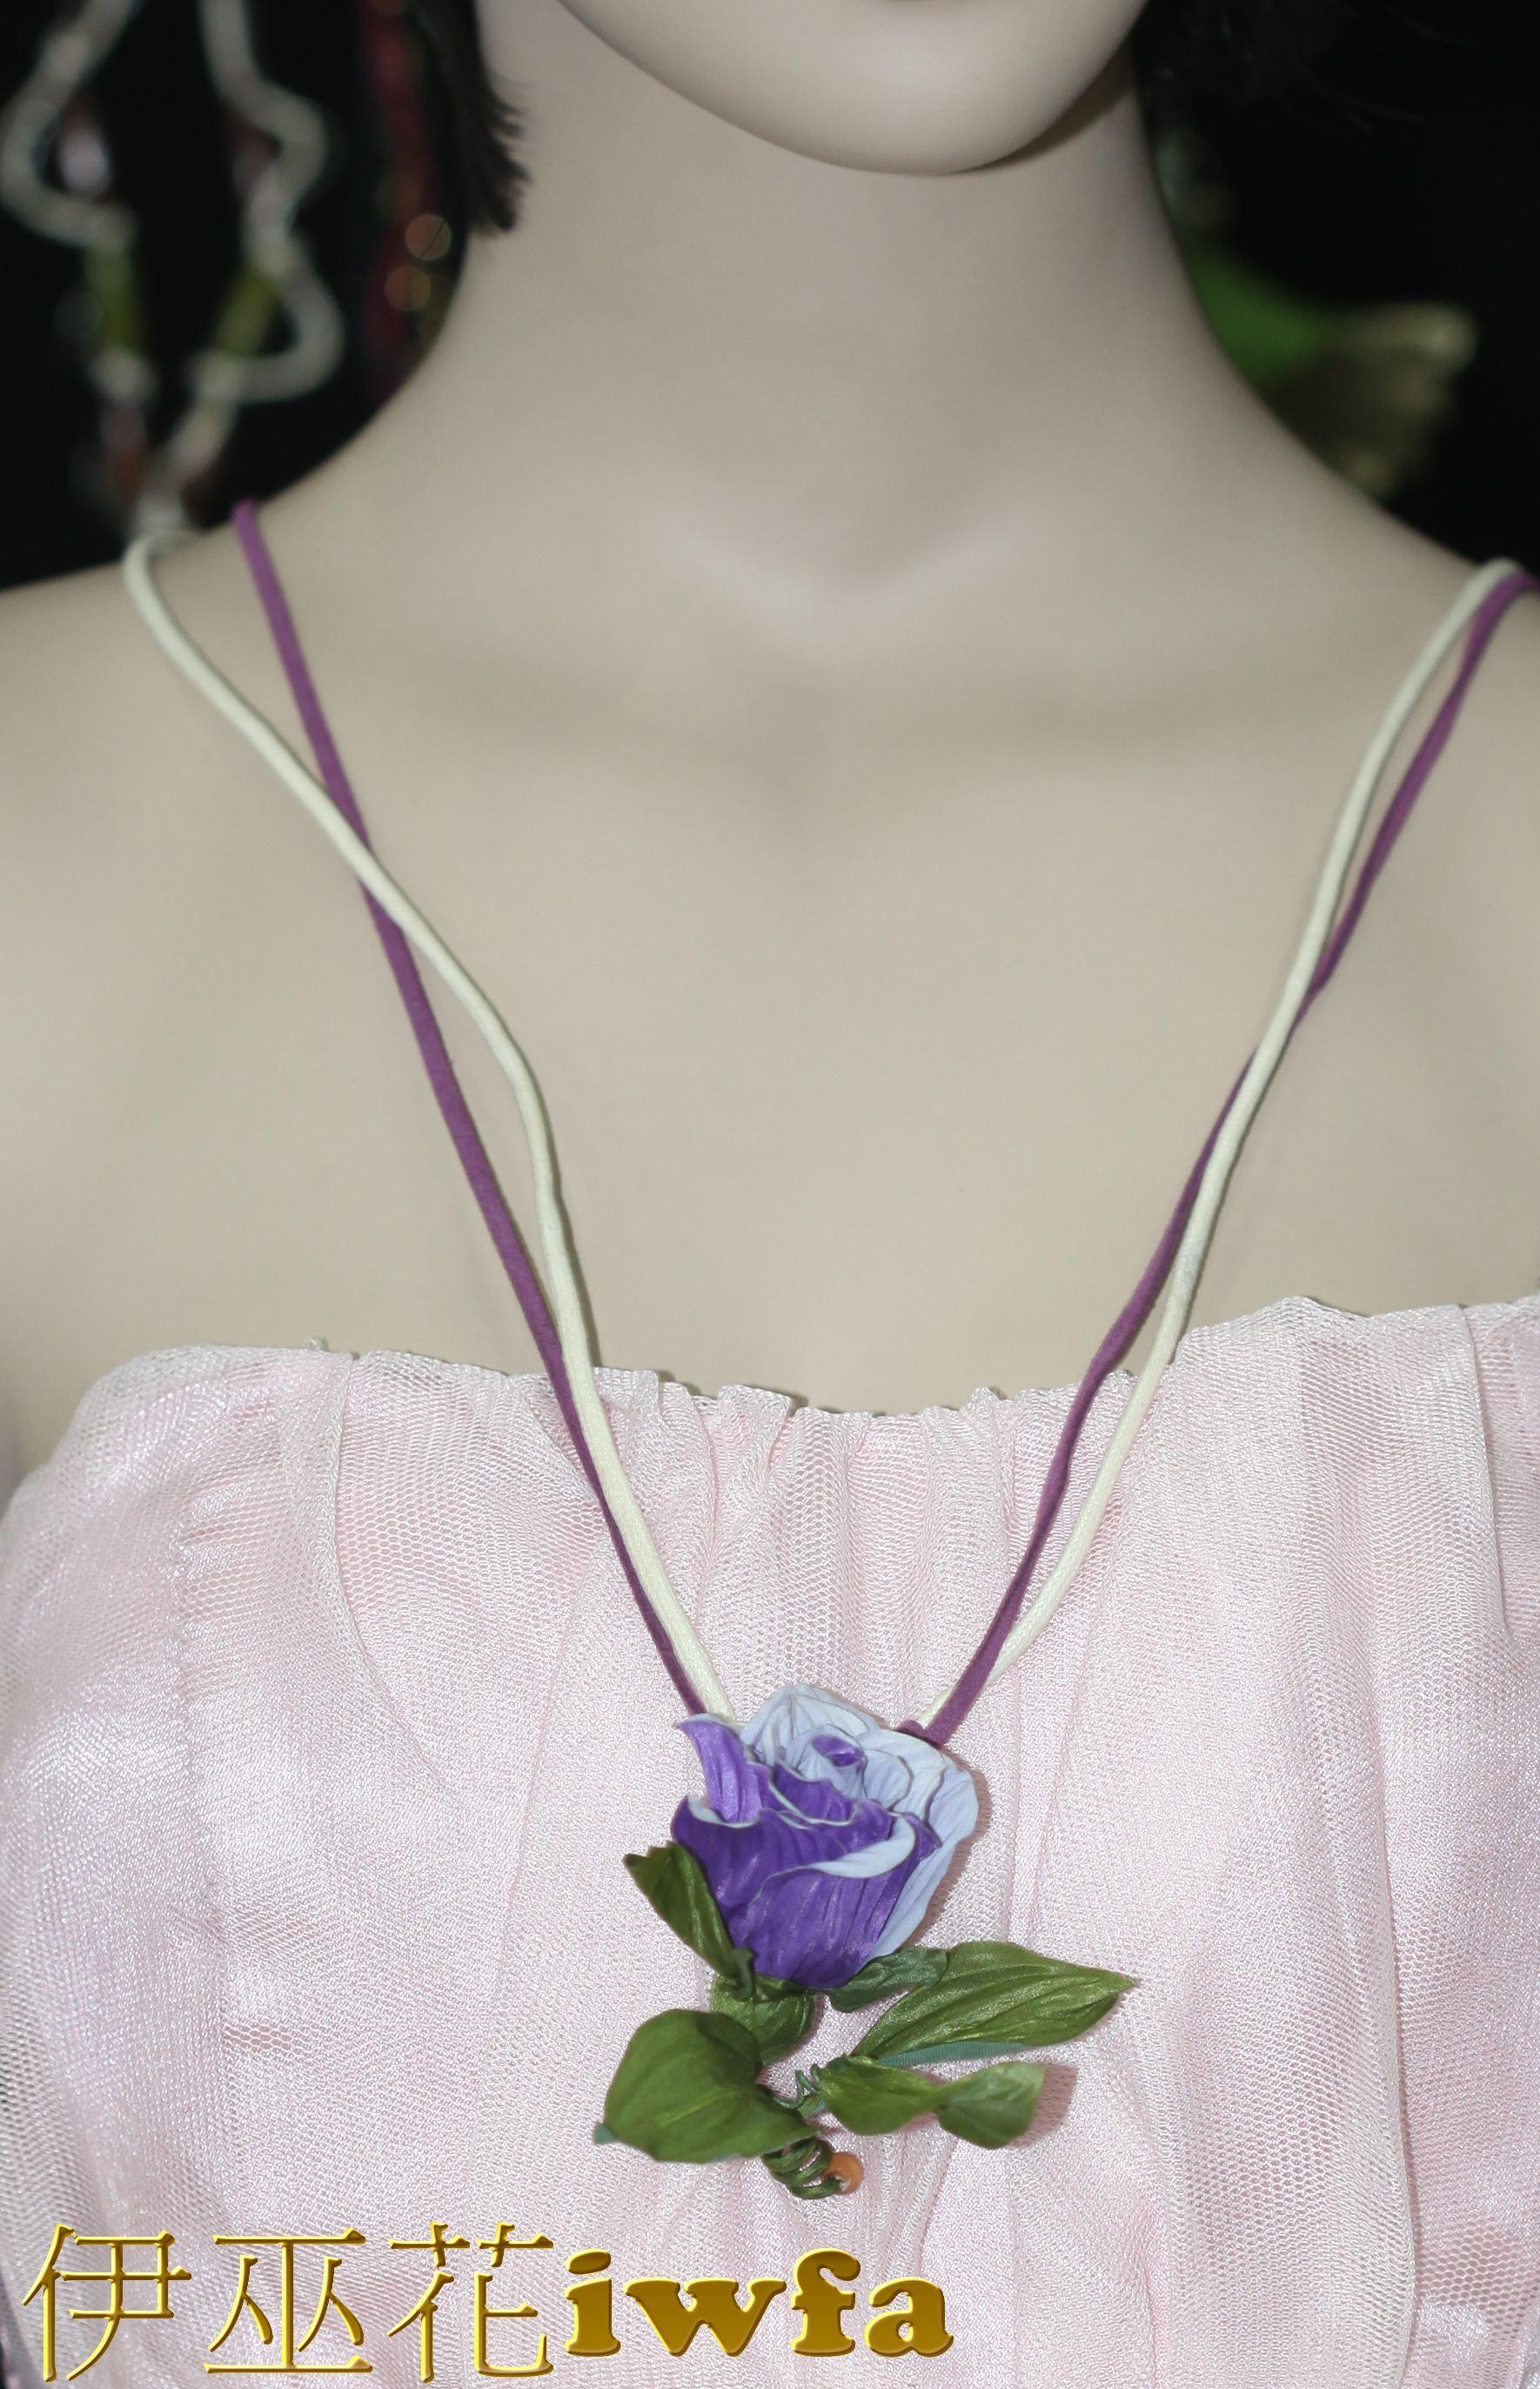 民俗風-藤蔓上的玫瑰花--紫色